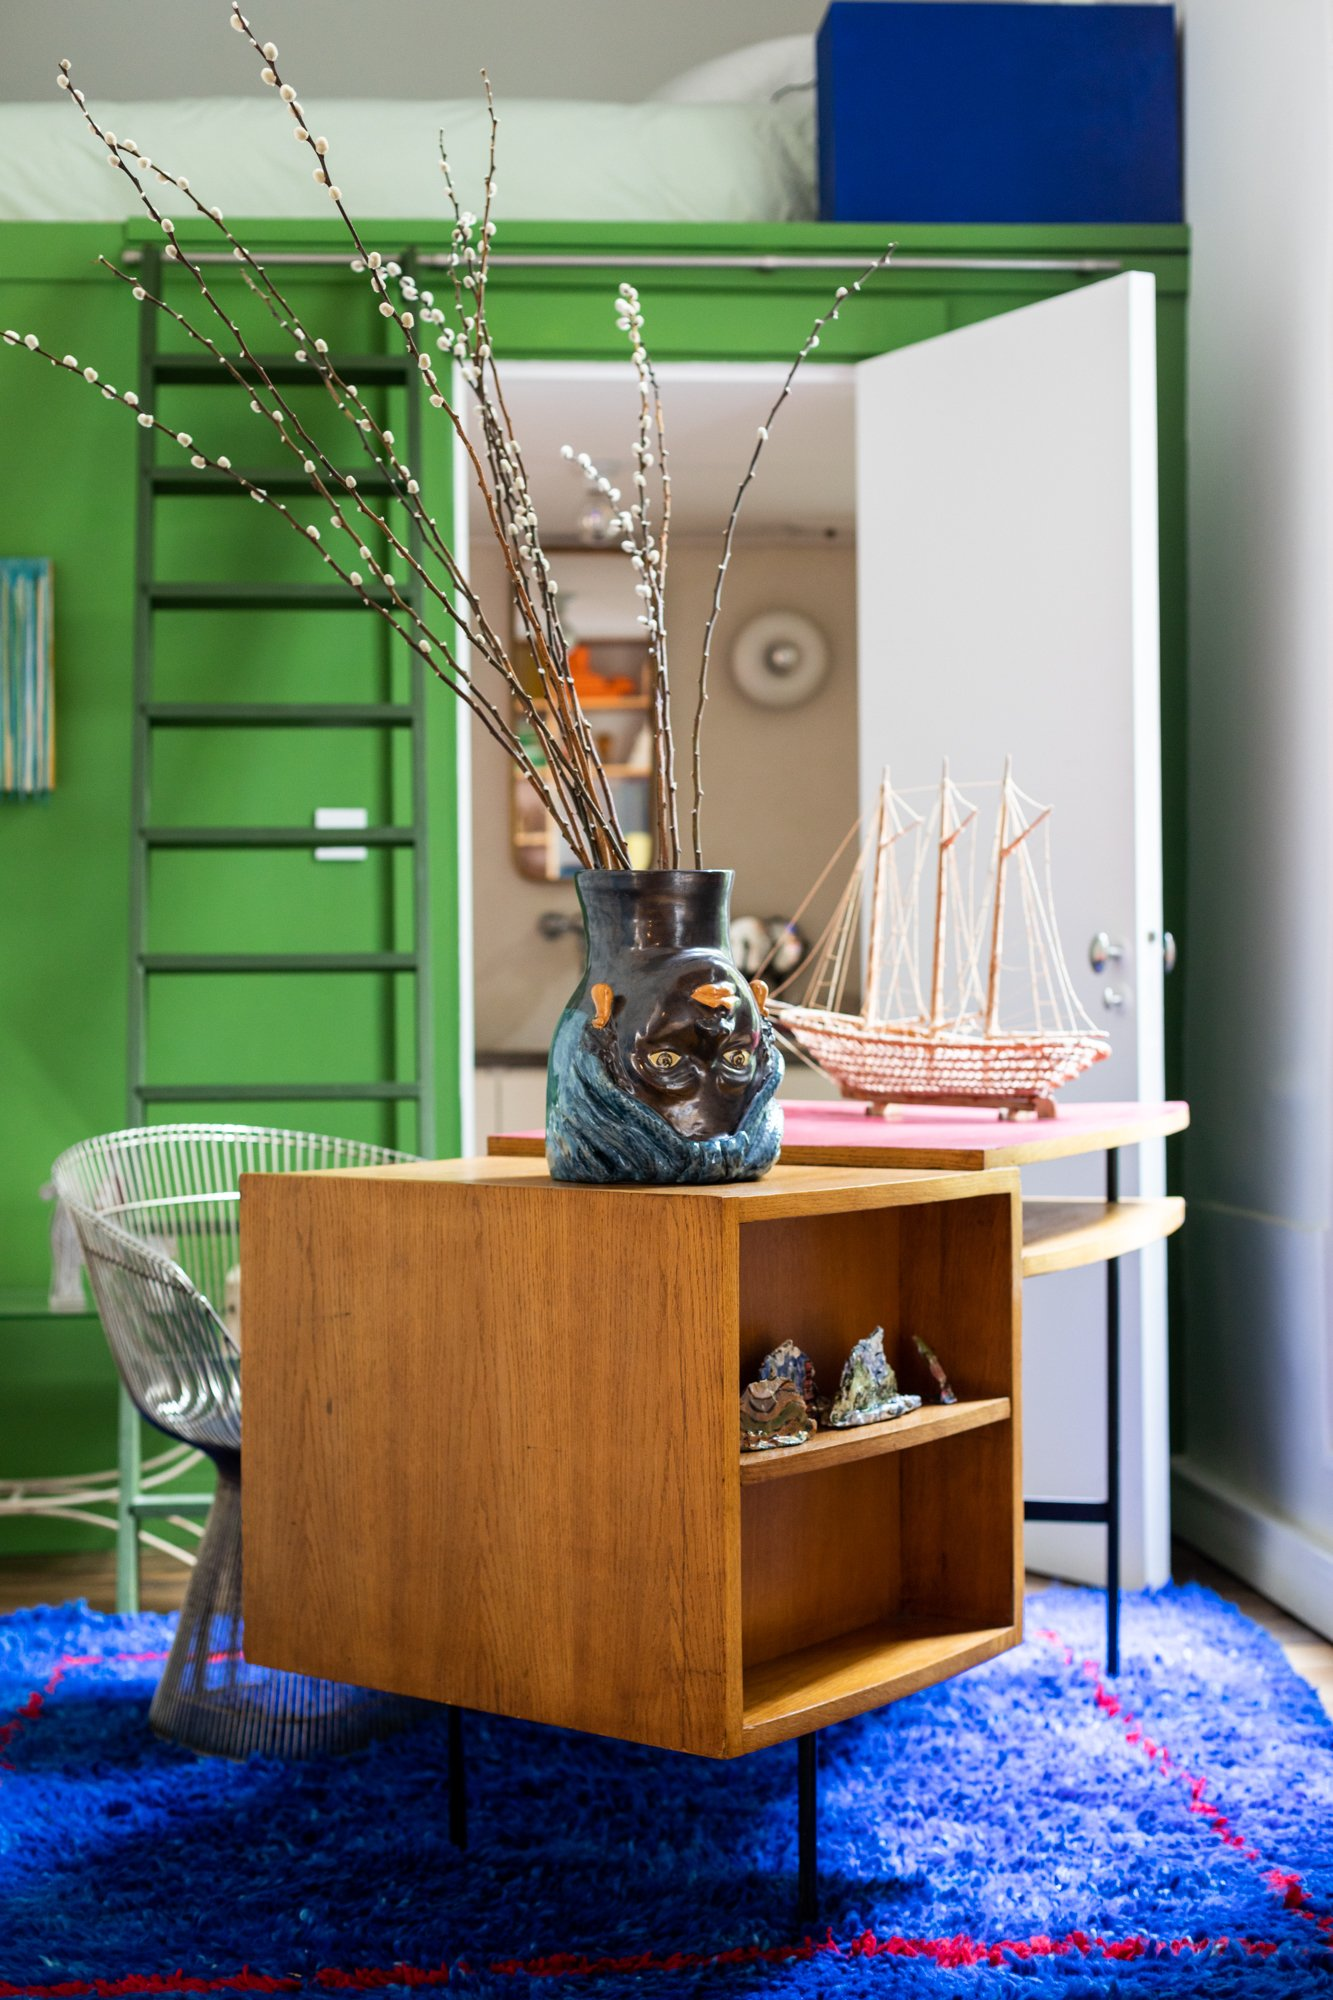 Bureau Chambre Paris Appartement Jean-Christophe Aumas Directeur agence Singular